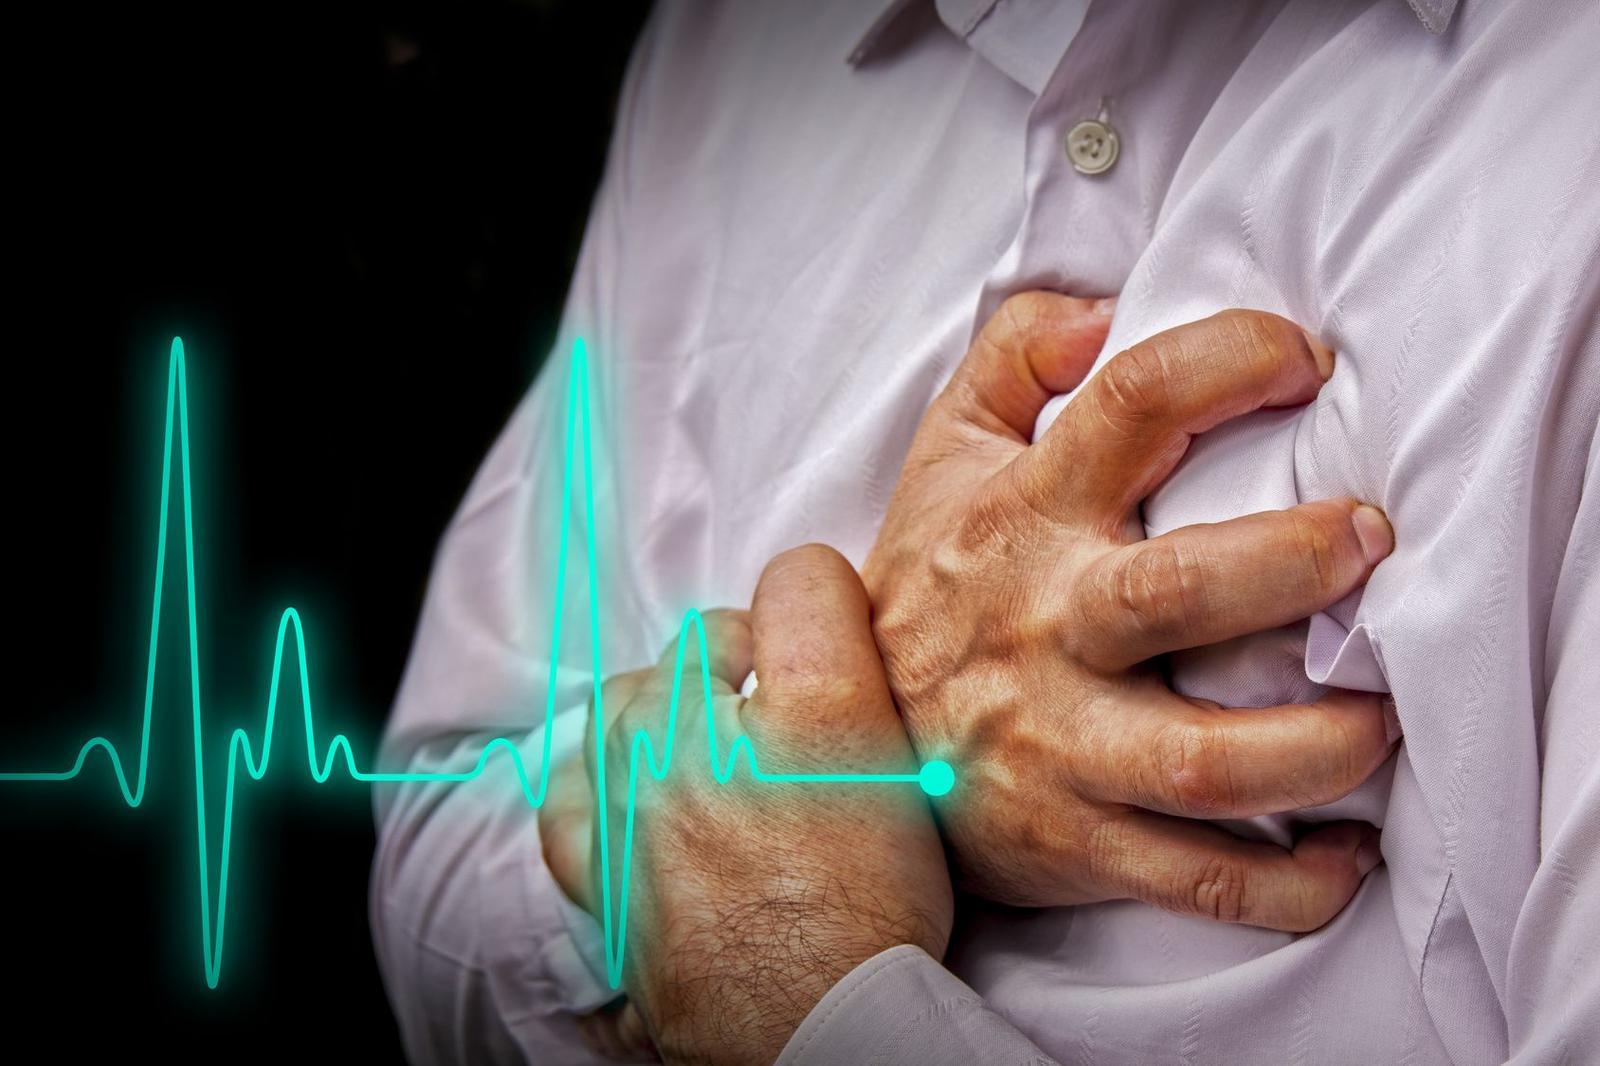 Arterinės hipertenzijos diagnostikos ir gydymo gairės